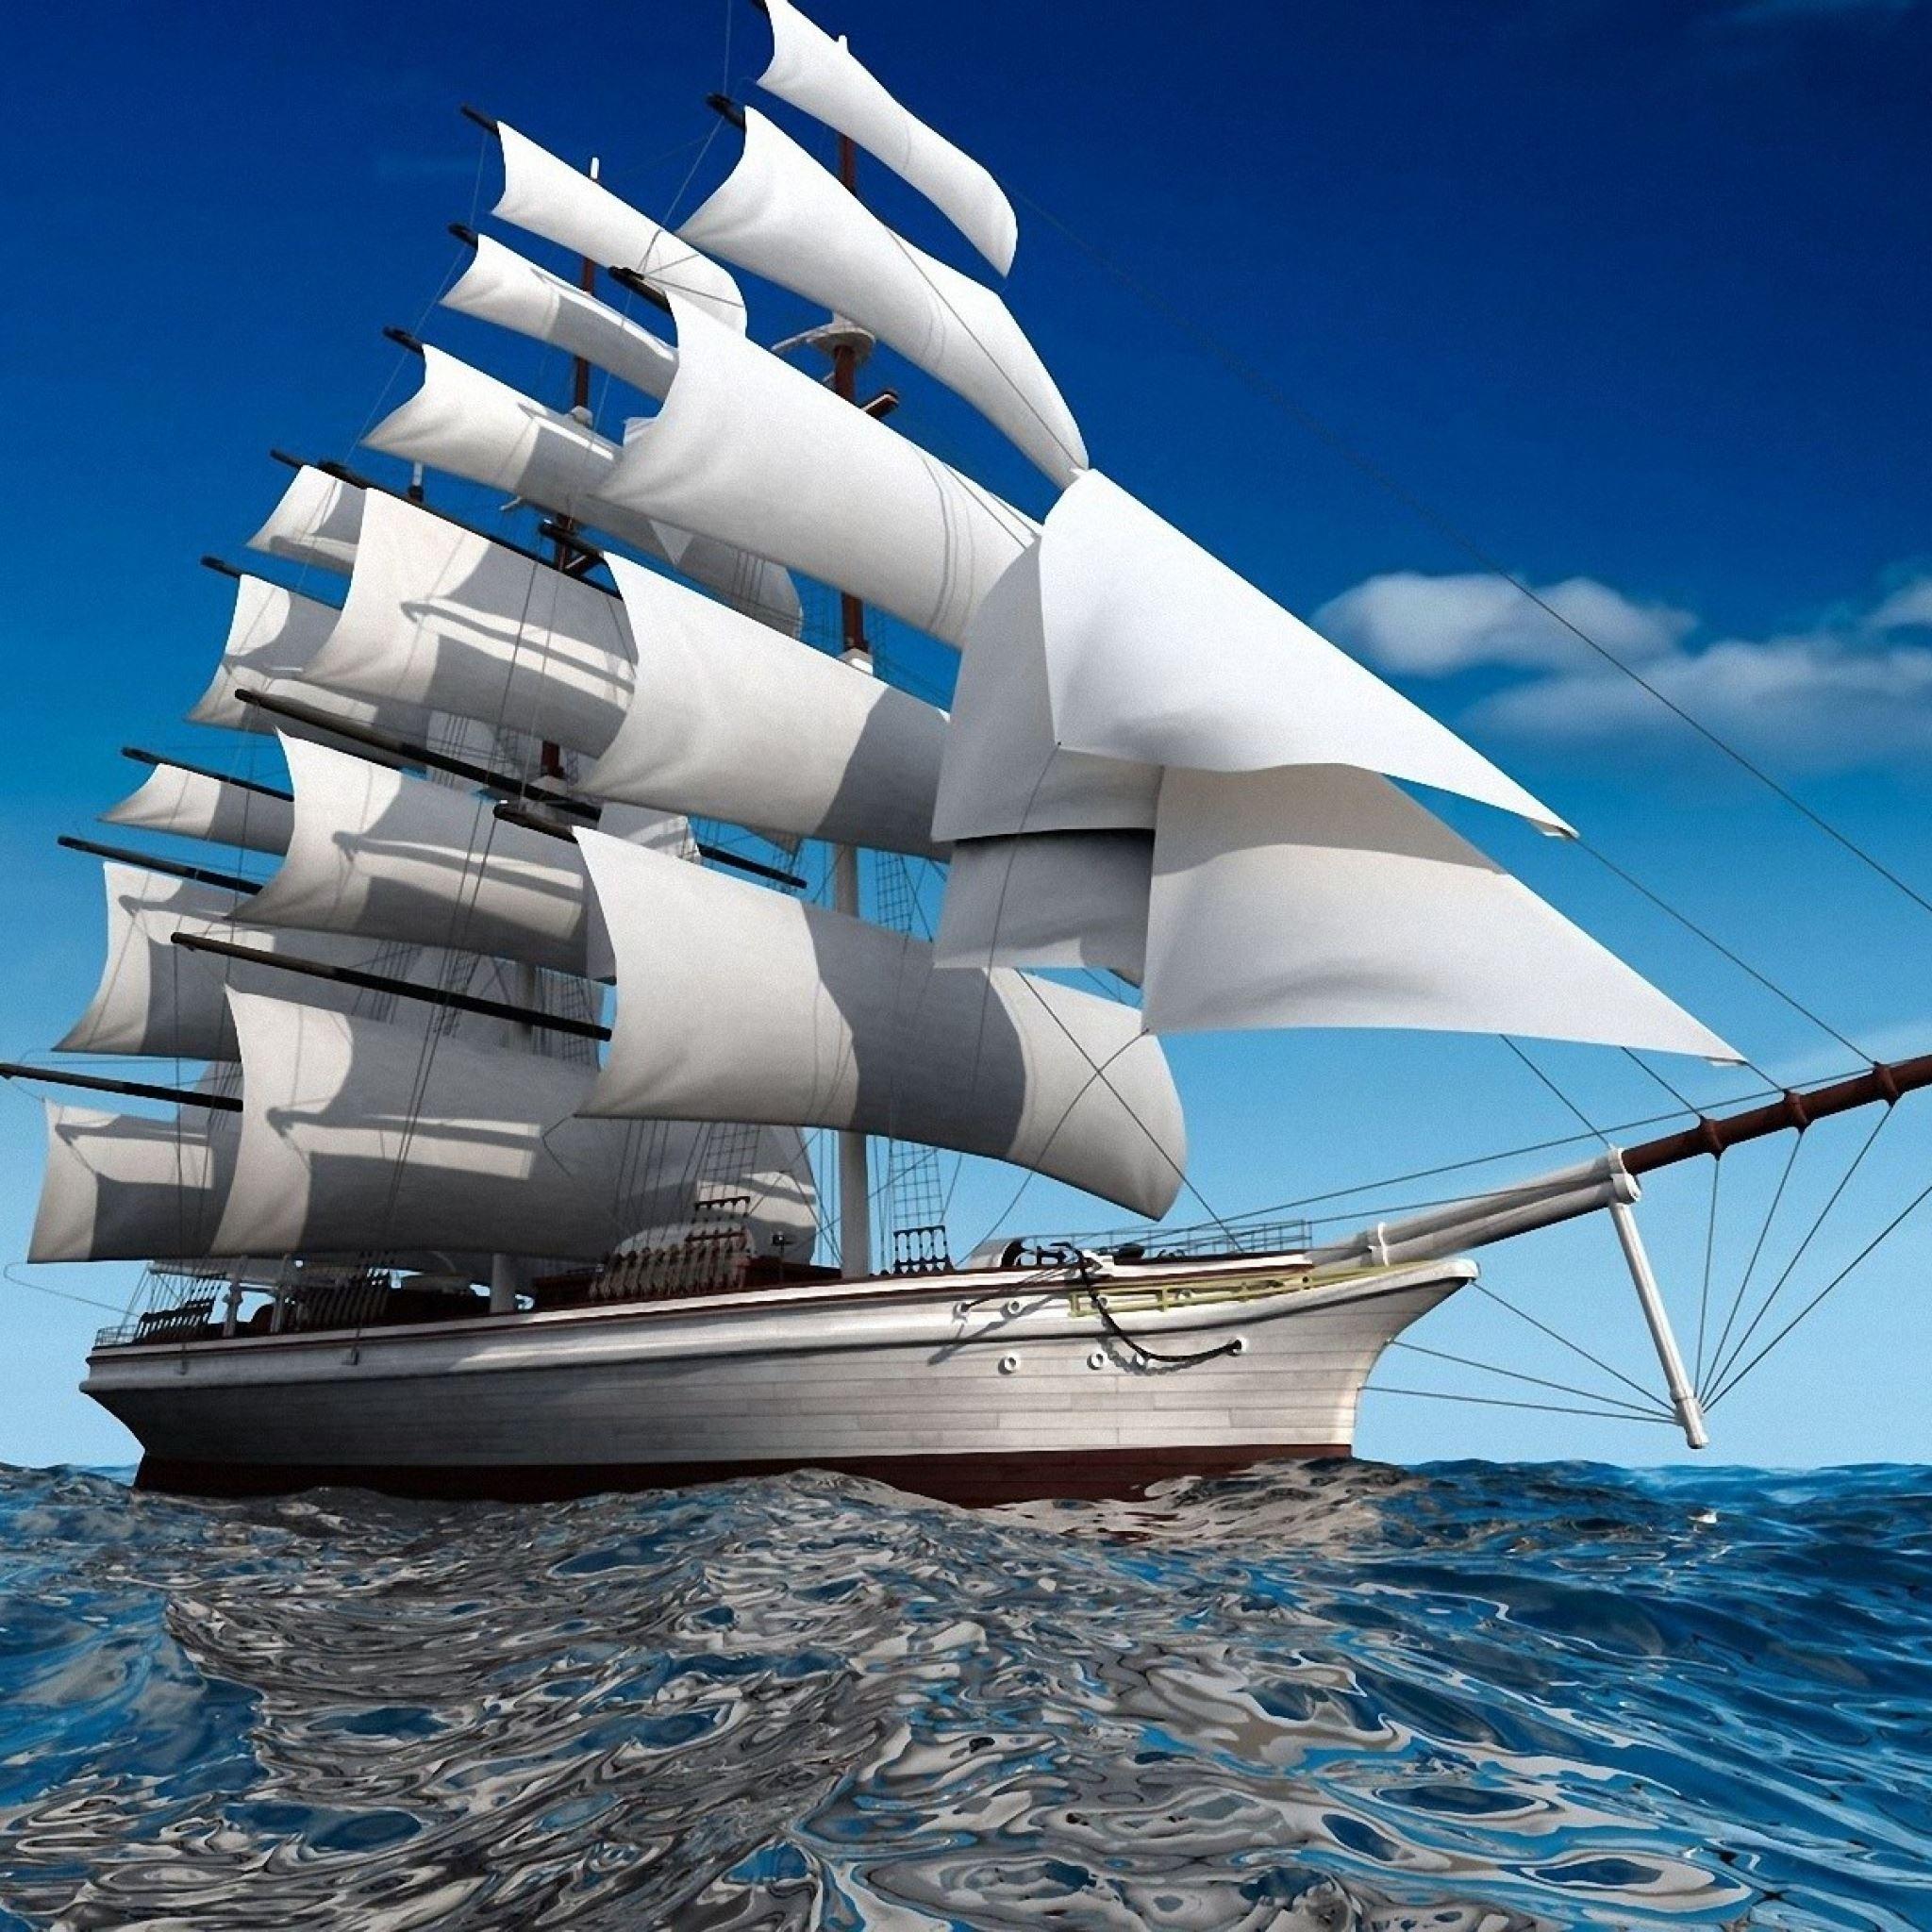 Ship sea swim sail iPad Air wallpaper